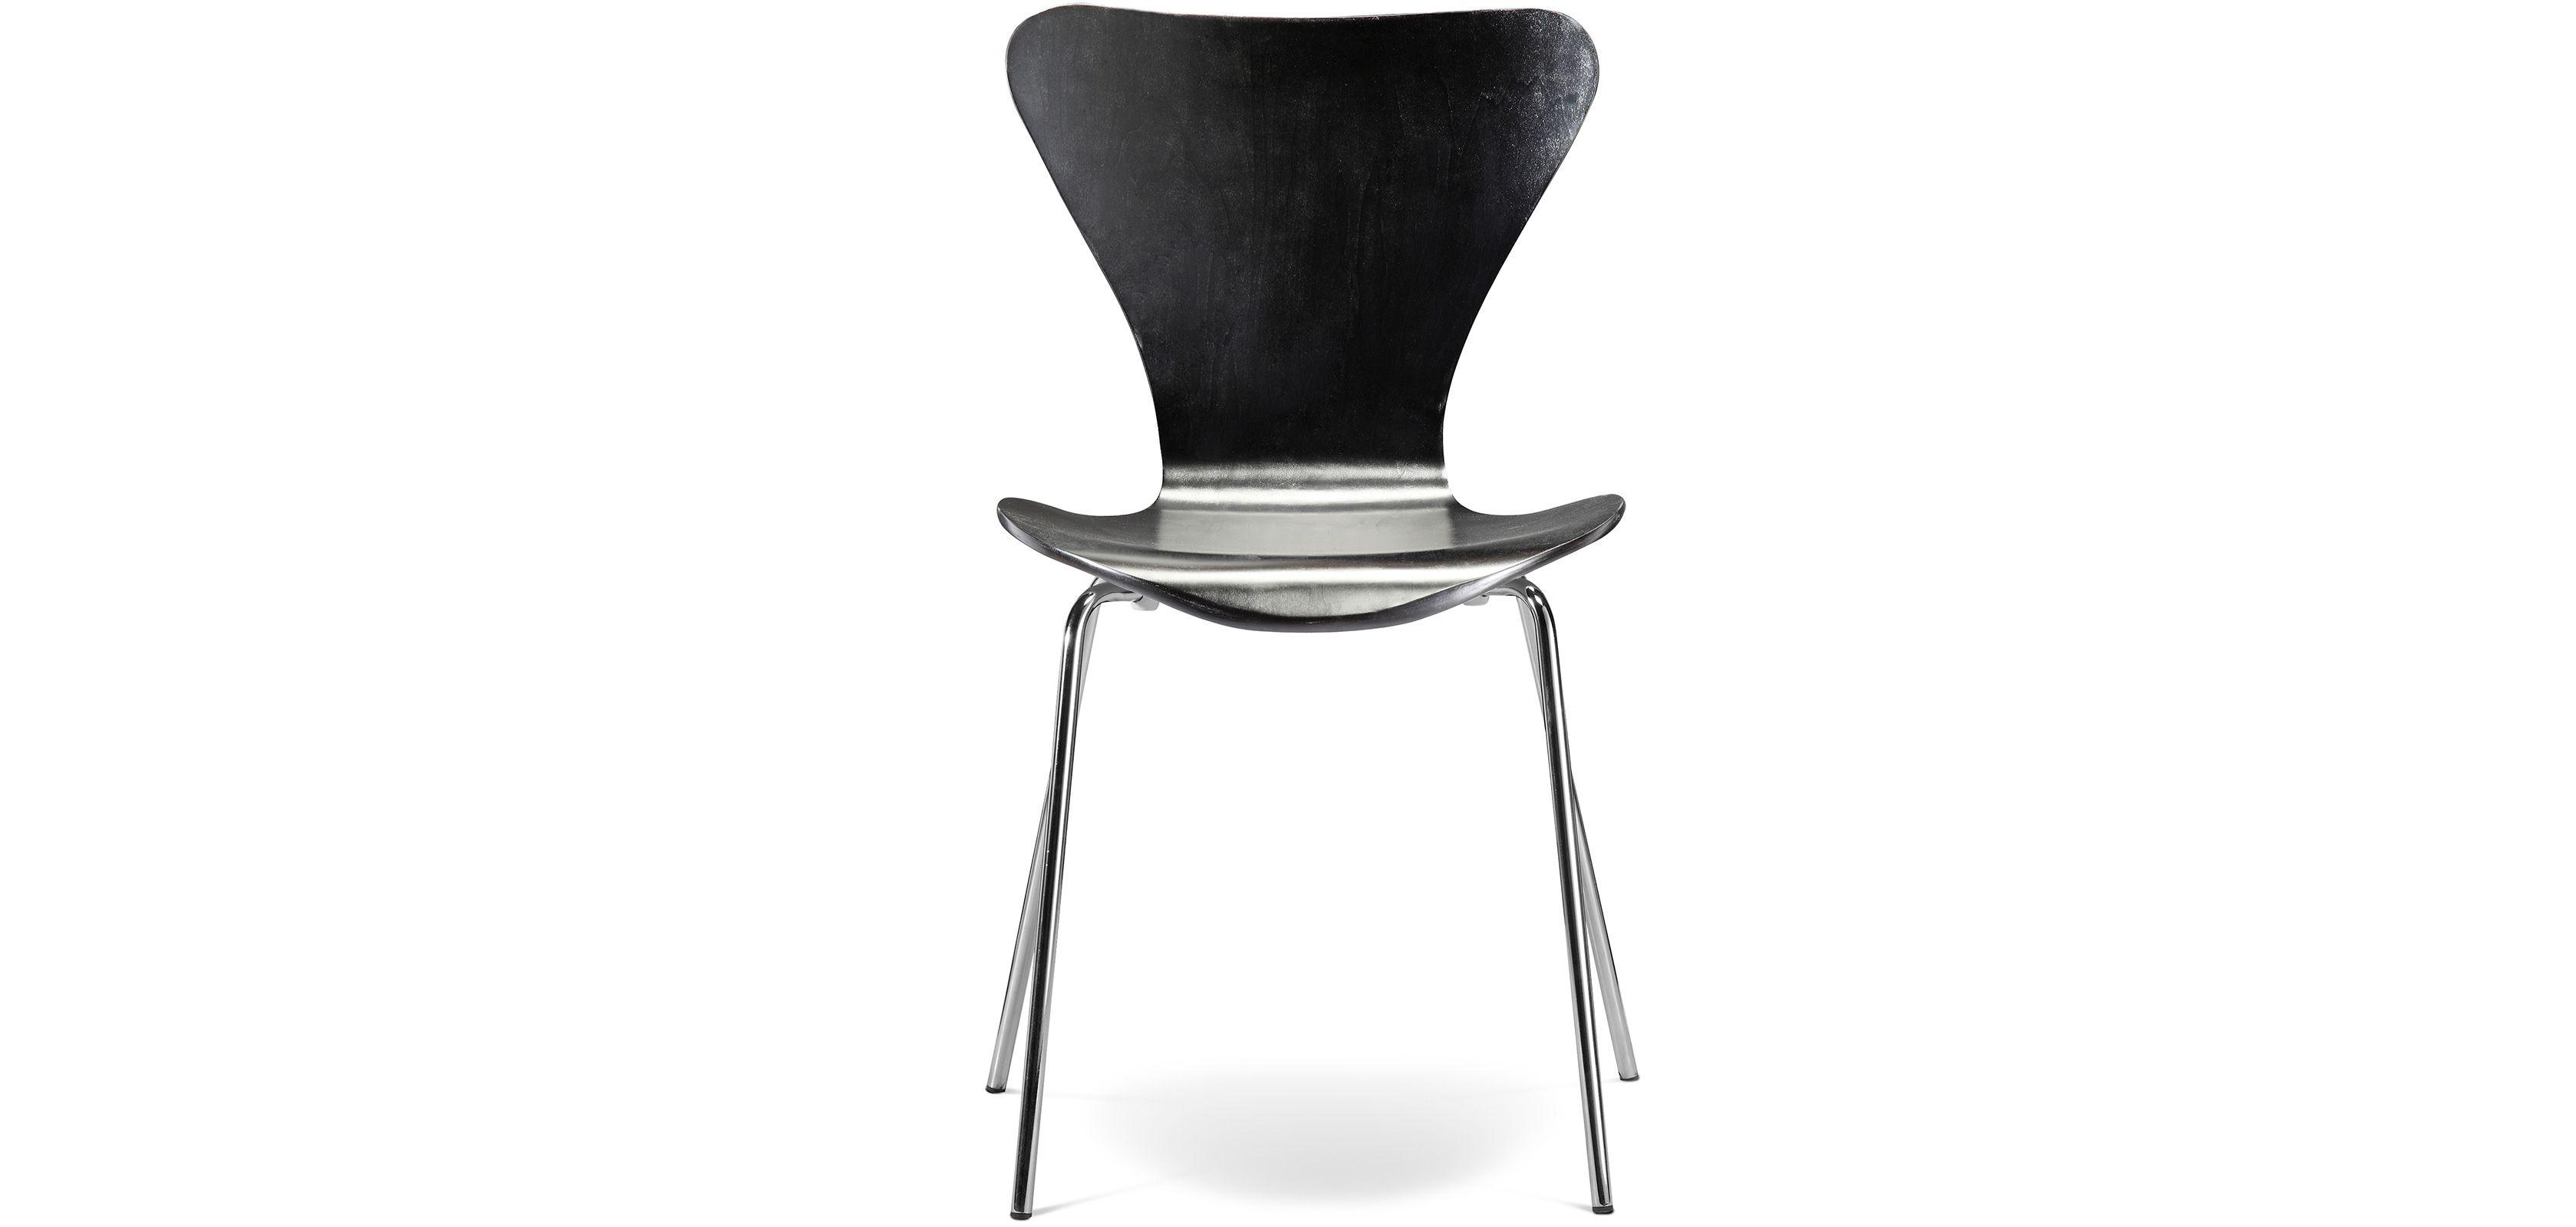 Chaise Serie 7 Arne Jacobsen Style Arne Jacobsen Style Jacobsen